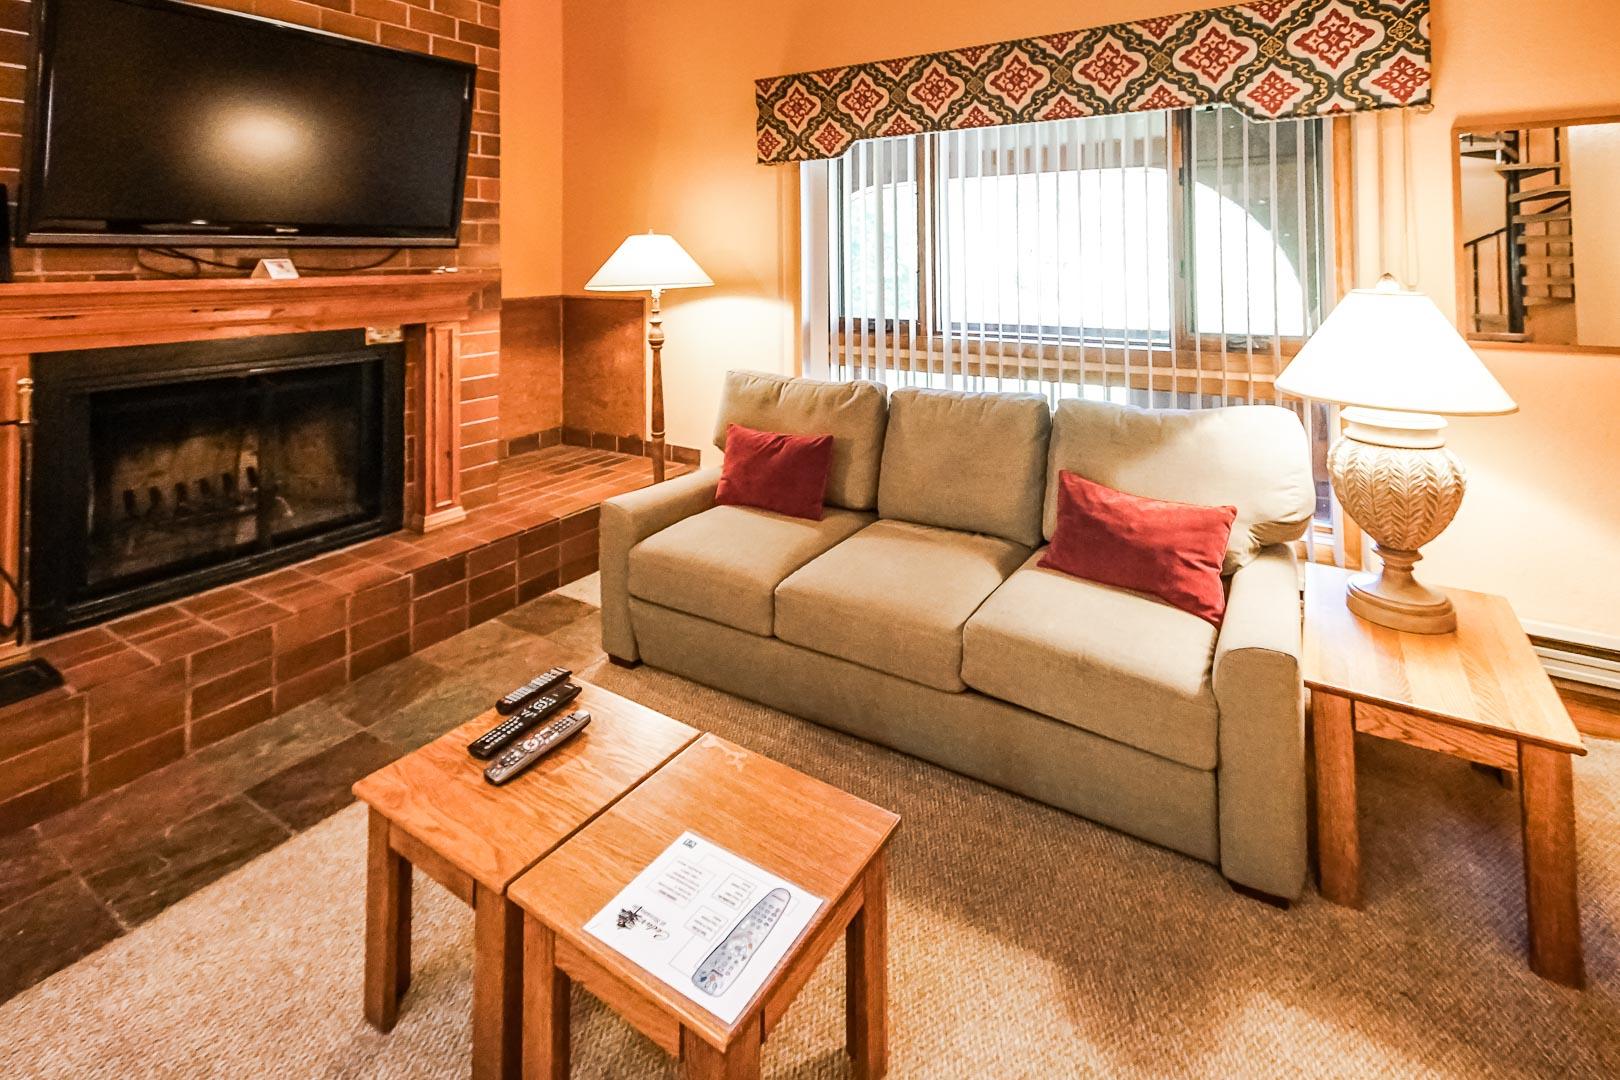 A cozy living room area at VRI's Cedar at Streamside in Colorado.